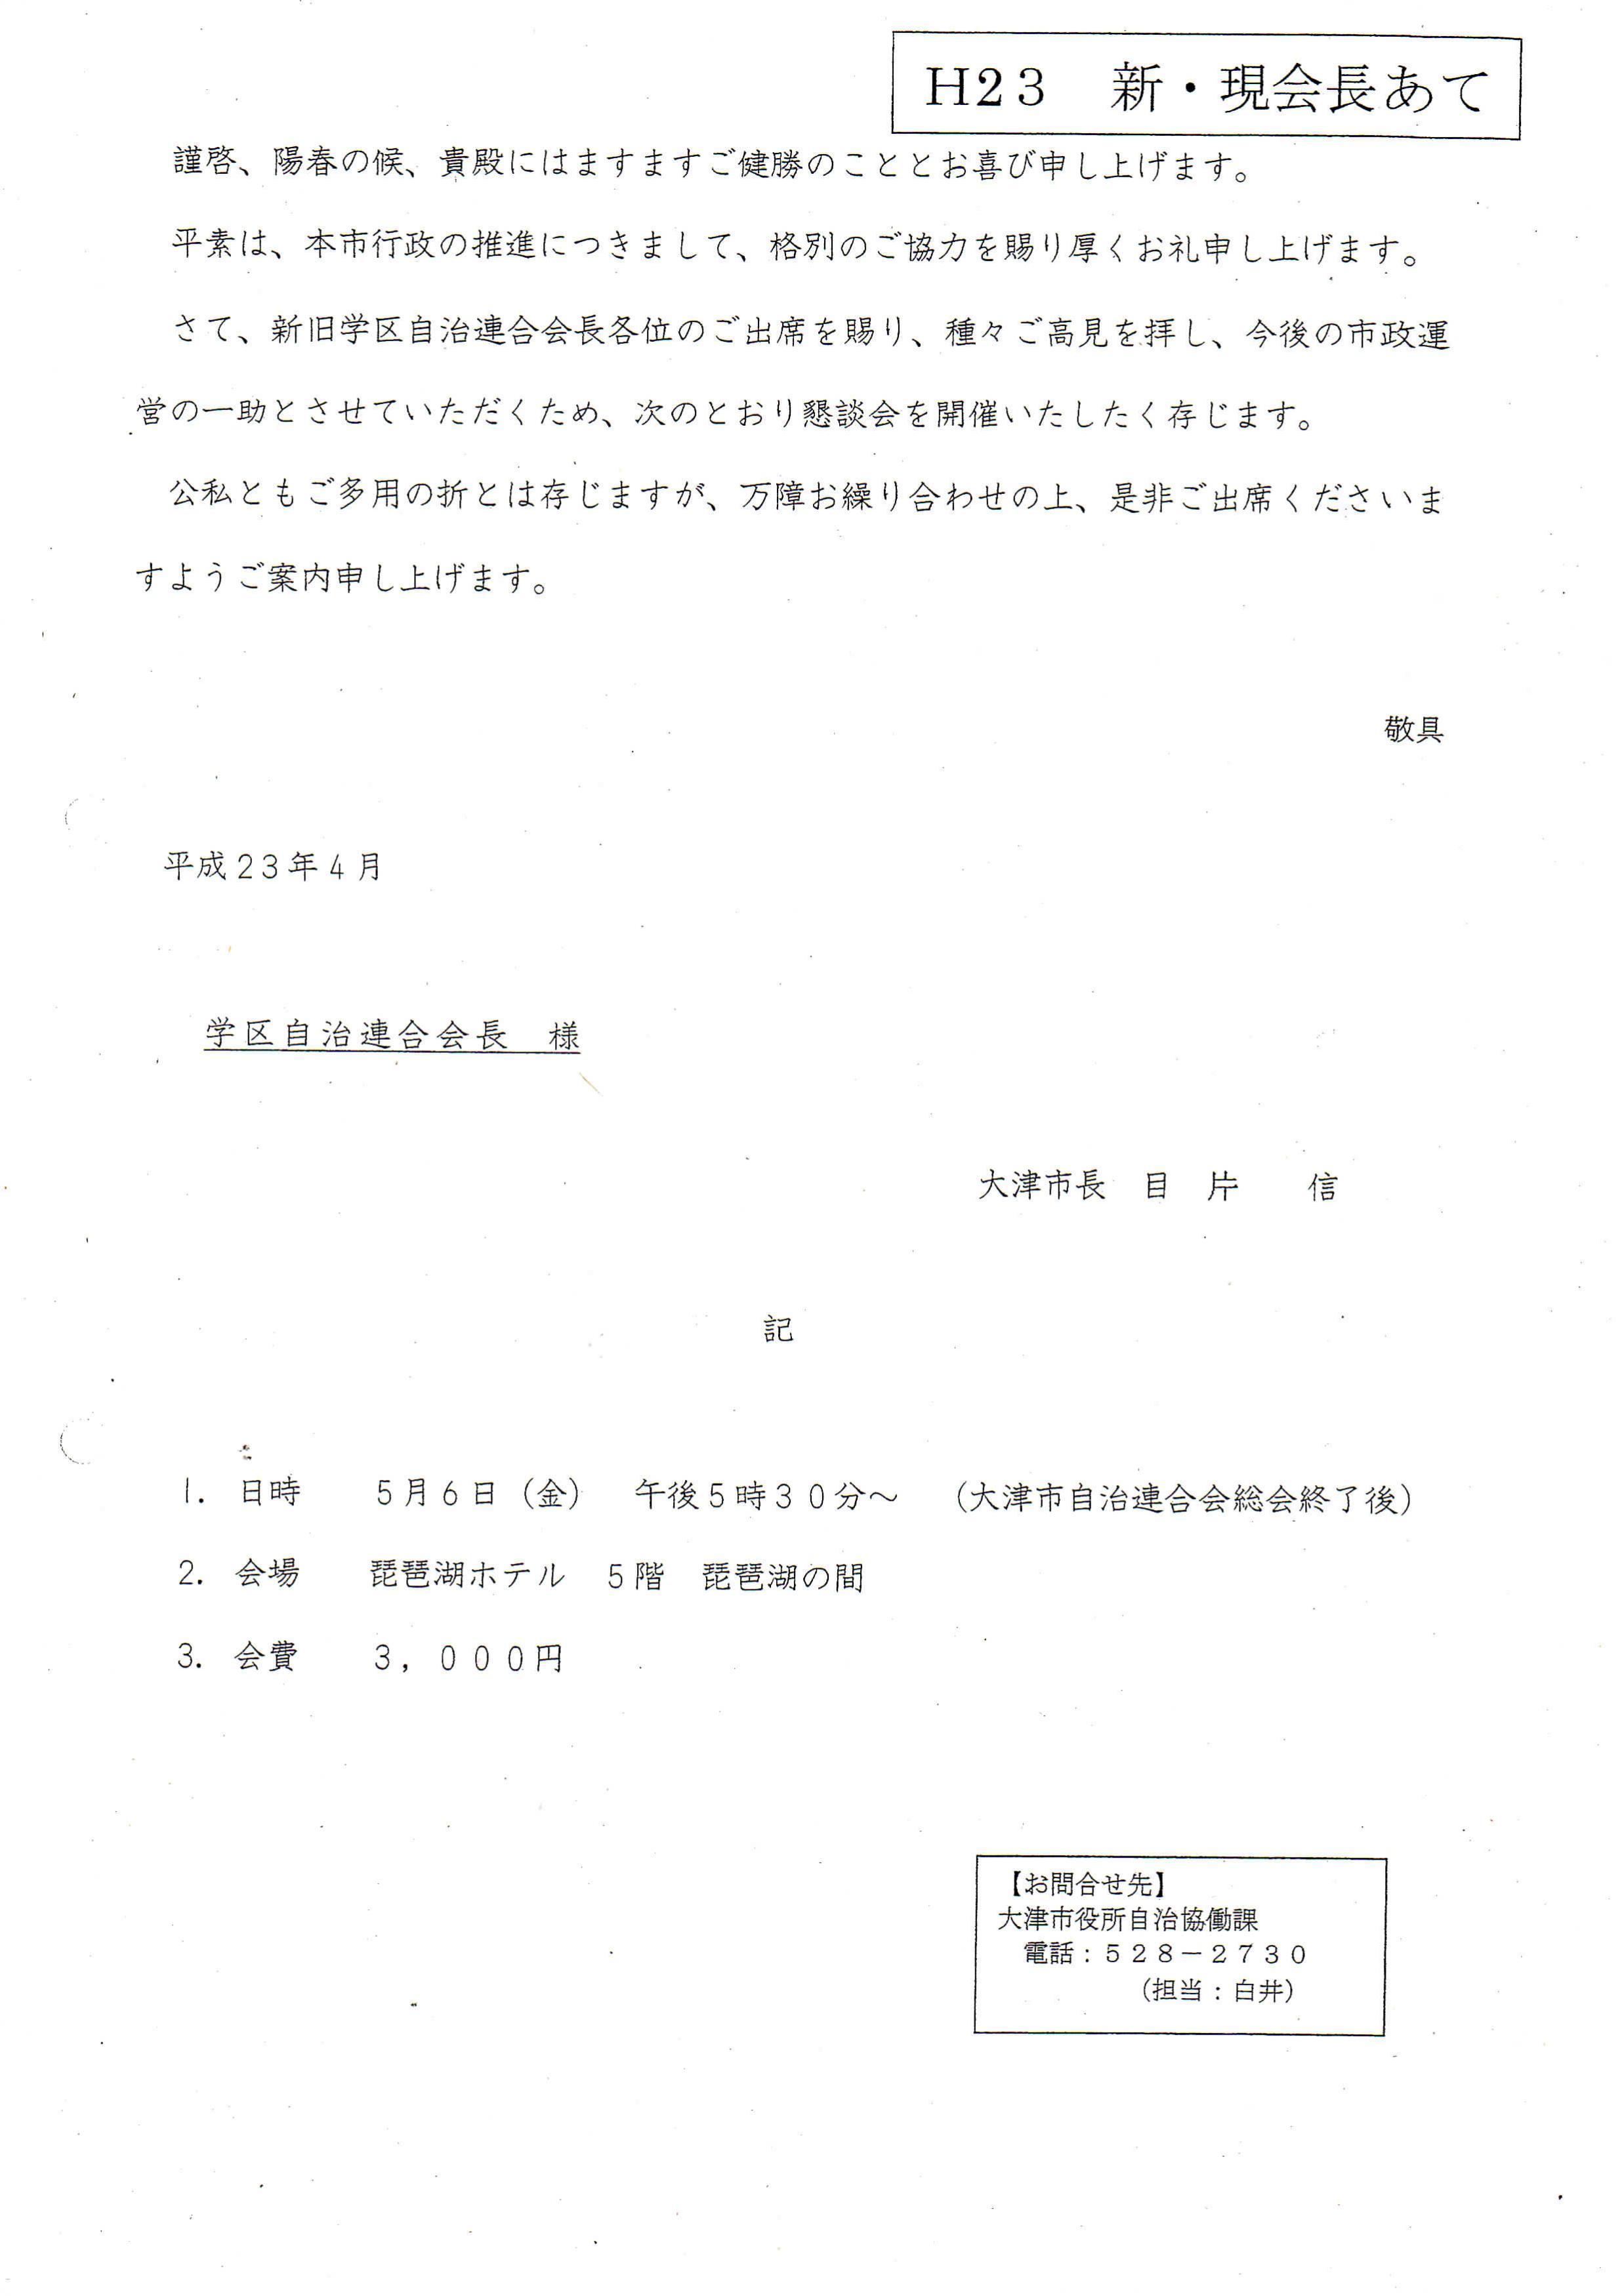 2011年大津市長から、3000円の懇談会の個人負担依頼文_01